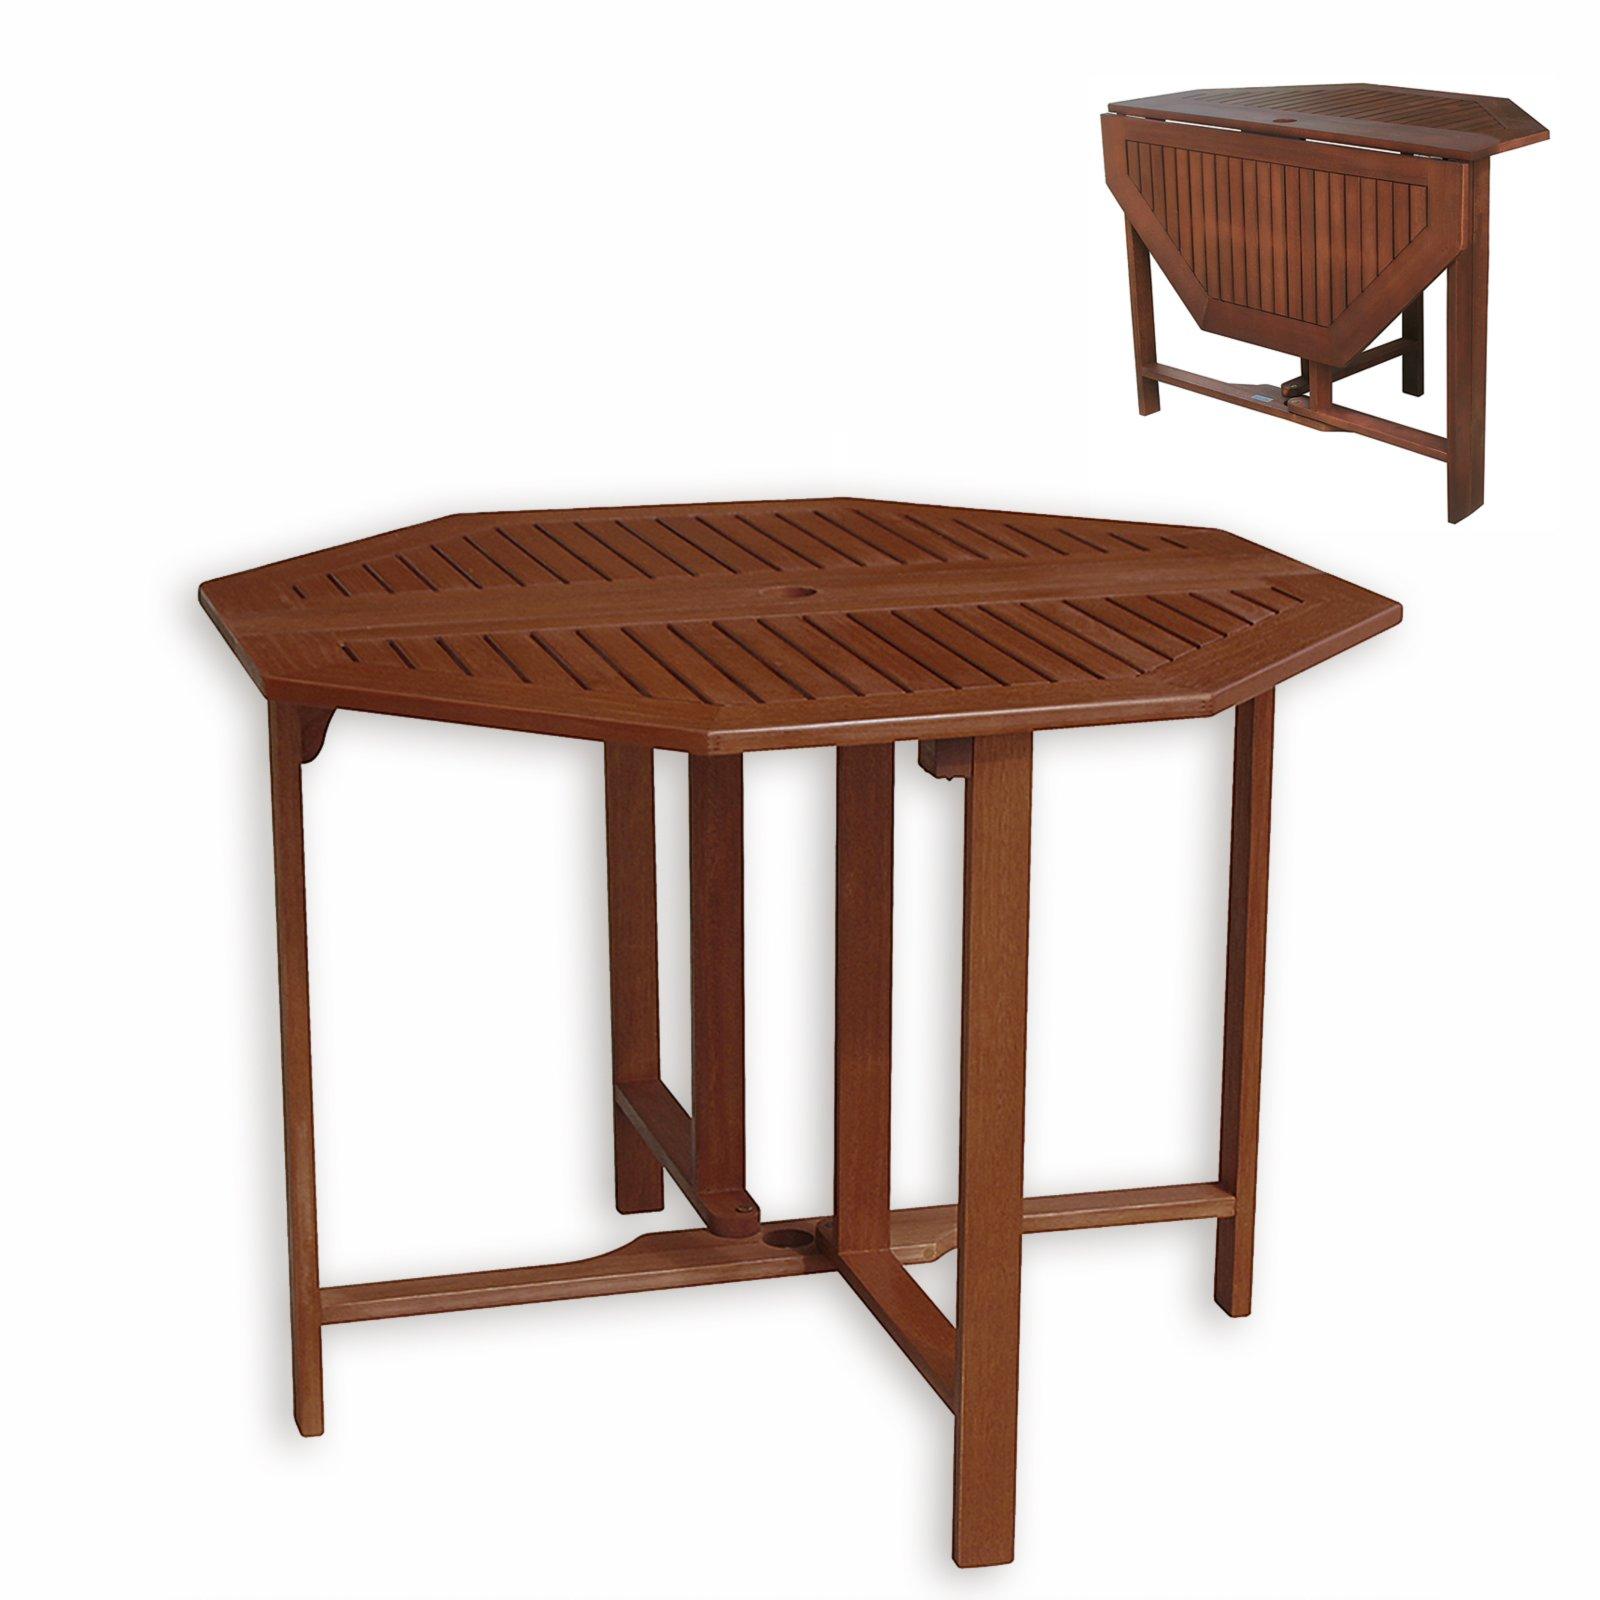 balkontisch evora eukalyptus ge lt klappbar gartentische gartenm bel garten balkon. Black Bedroom Furniture Sets. Home Design Ideas